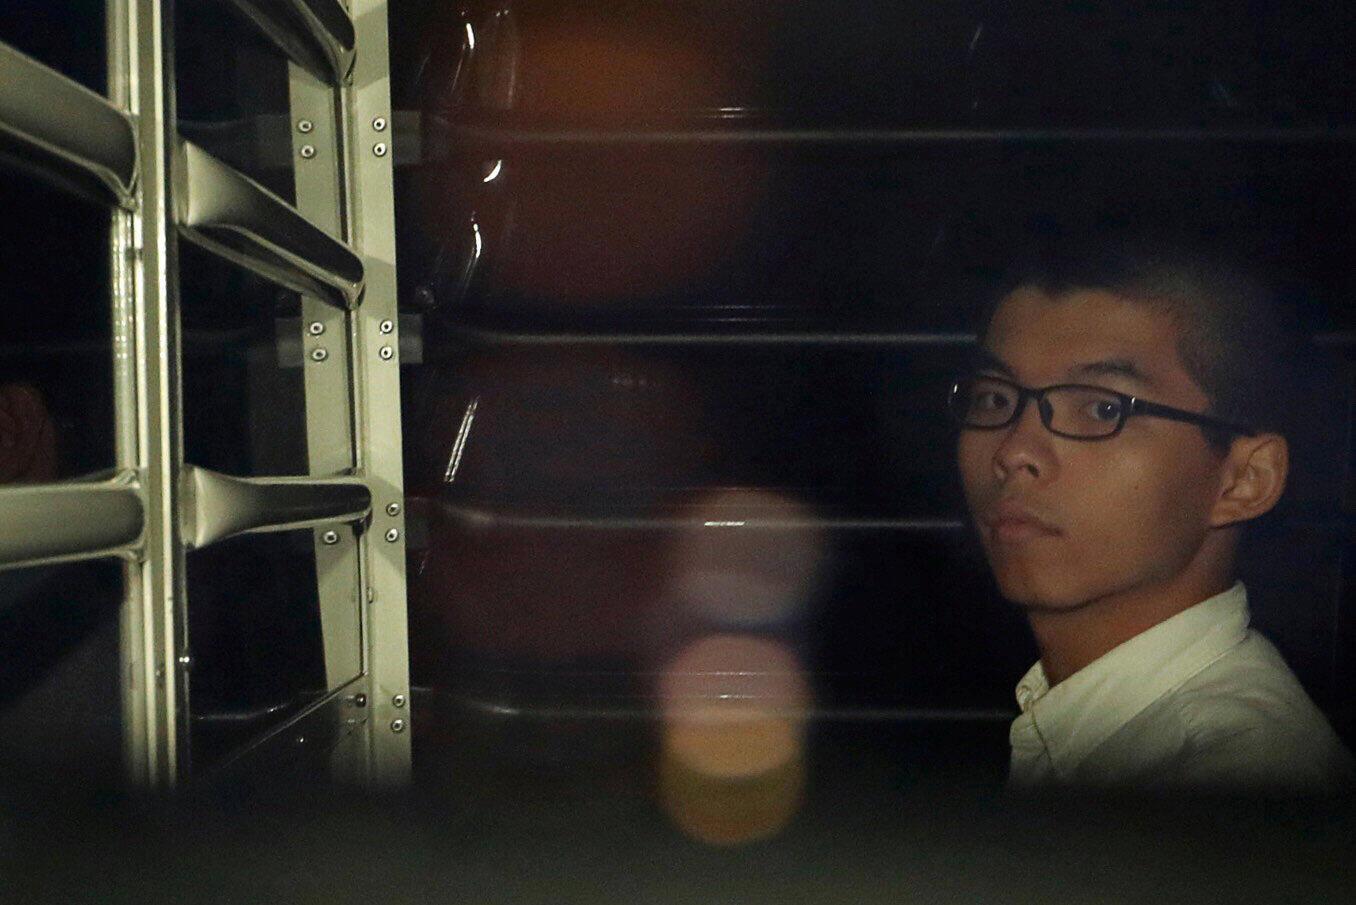 Lãnh tụ sinh viên Hồng Kông Hoàng Chi Phong trong xe chở tù nhân, ngày 24/08/2017.